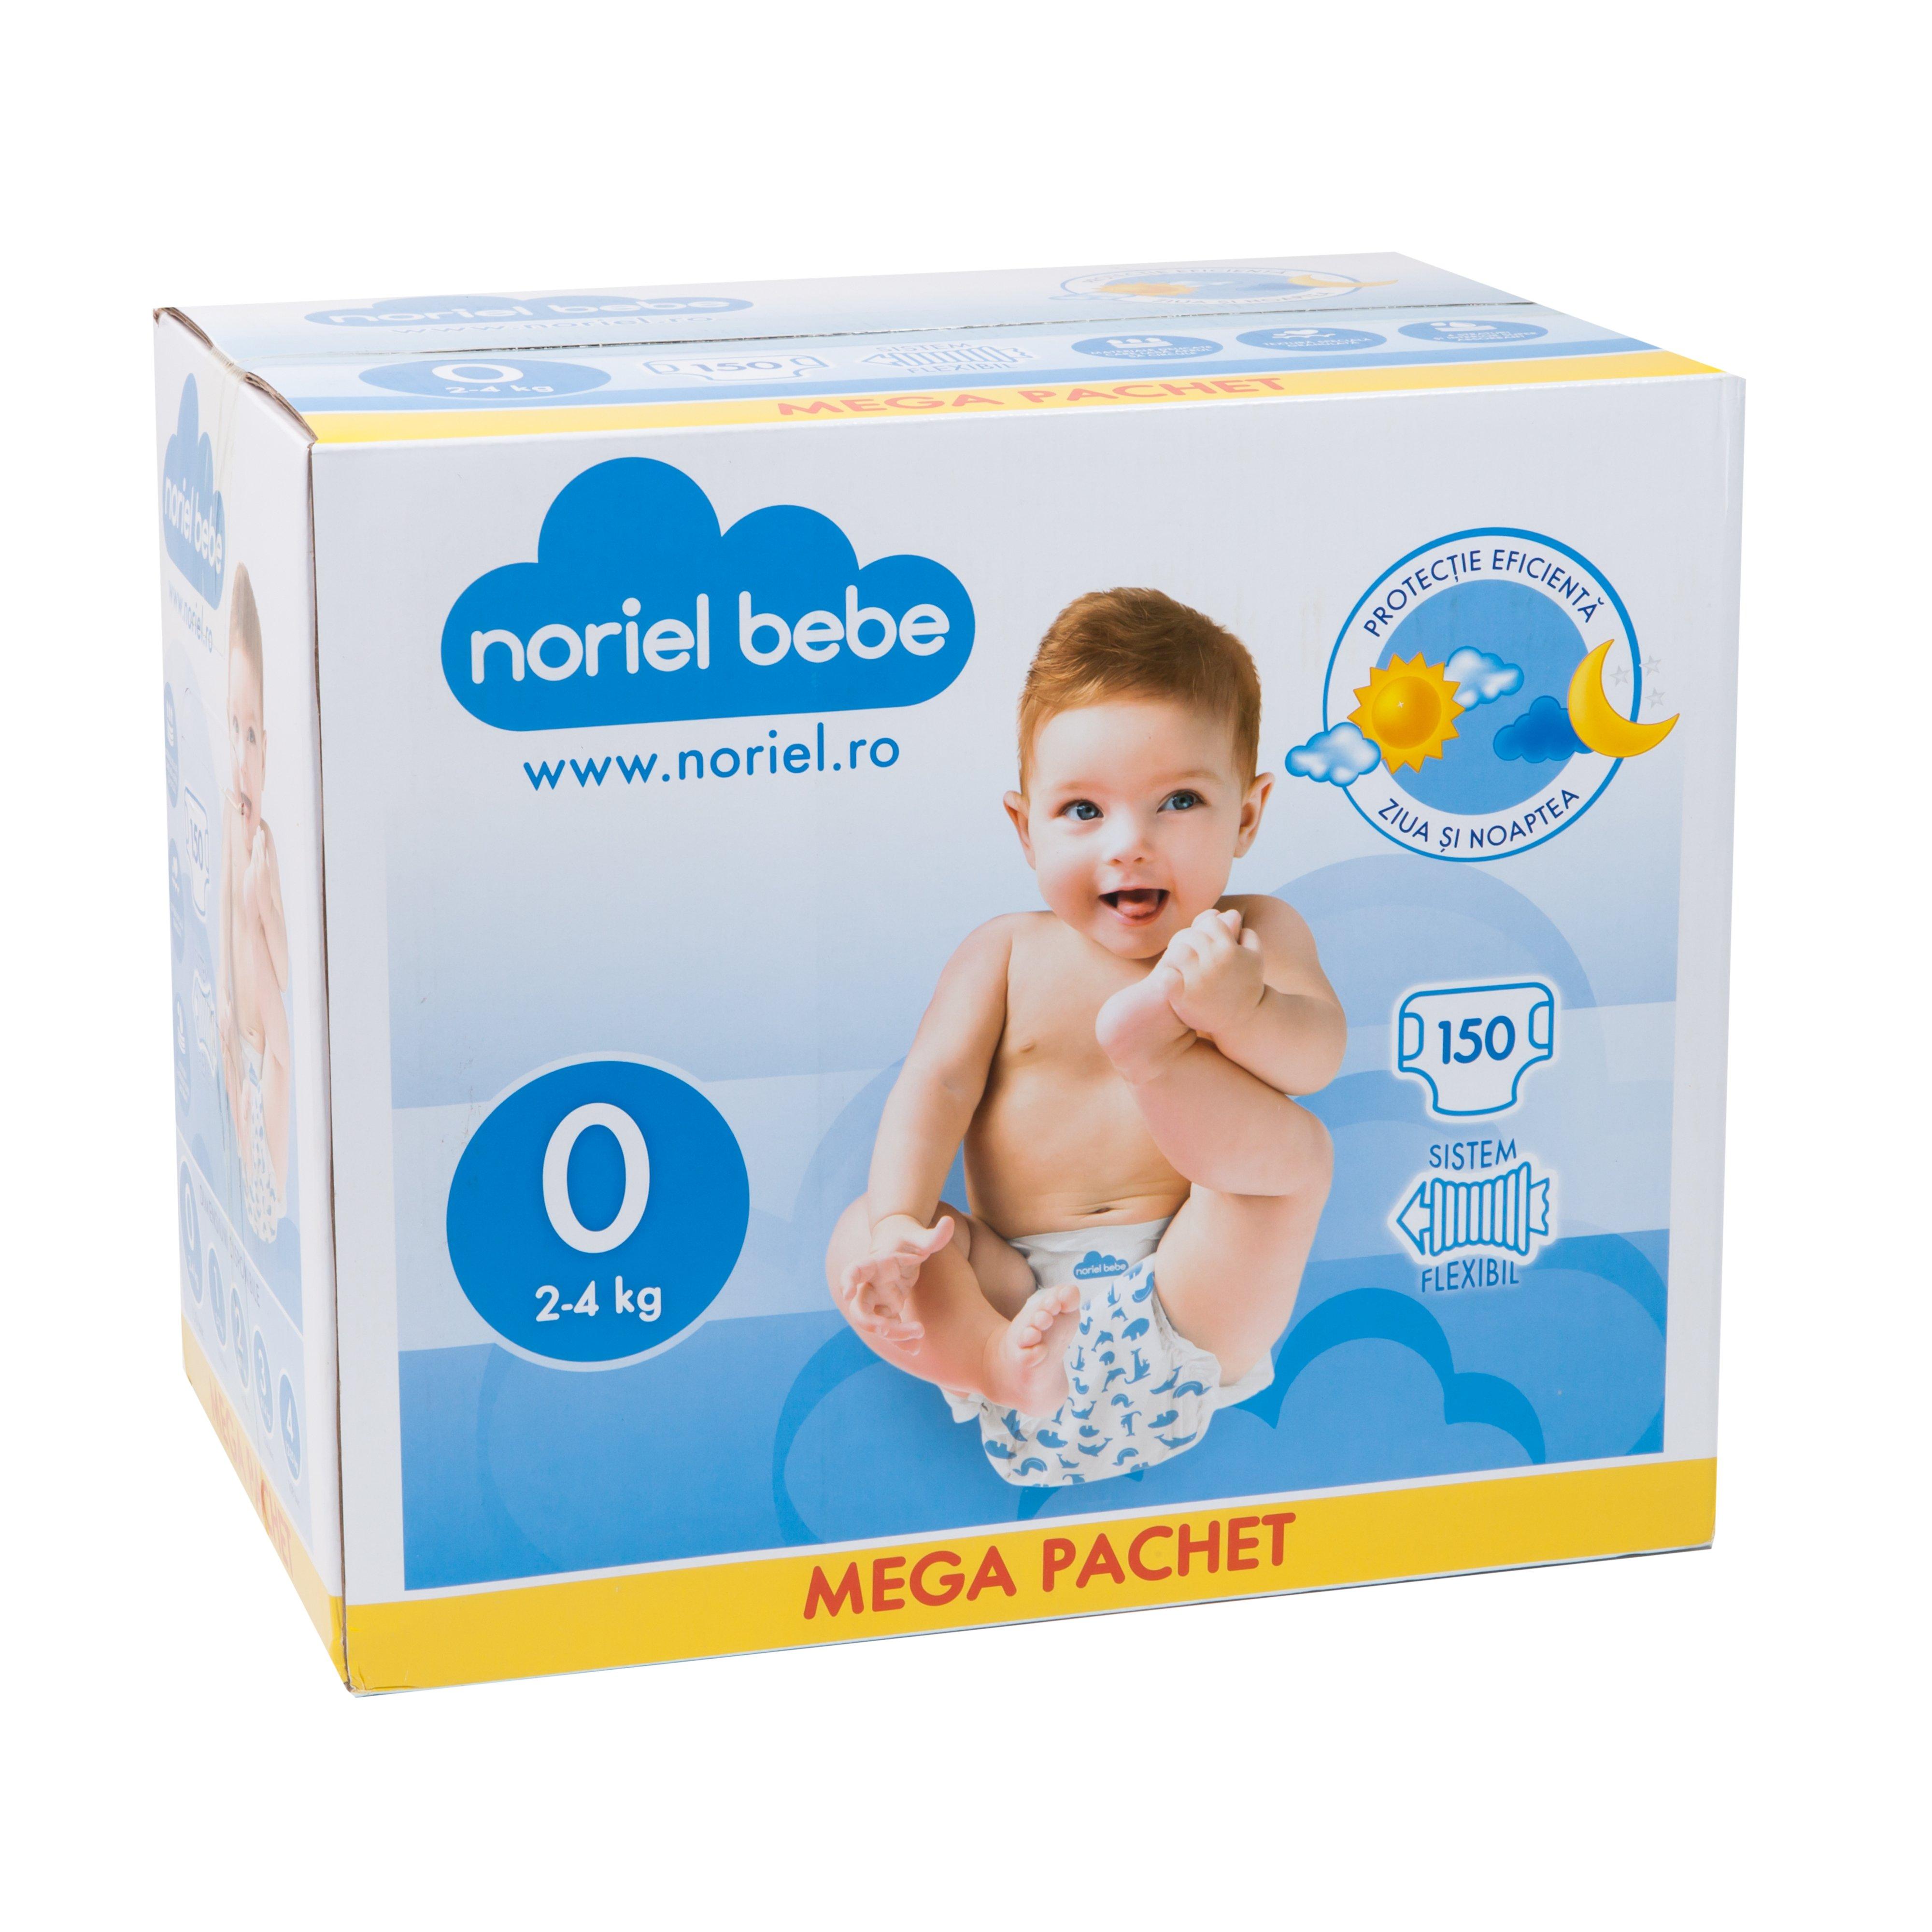 scutece noriel bebe mega pachet, marimea 0, 150 buc, 2 - 4 kg